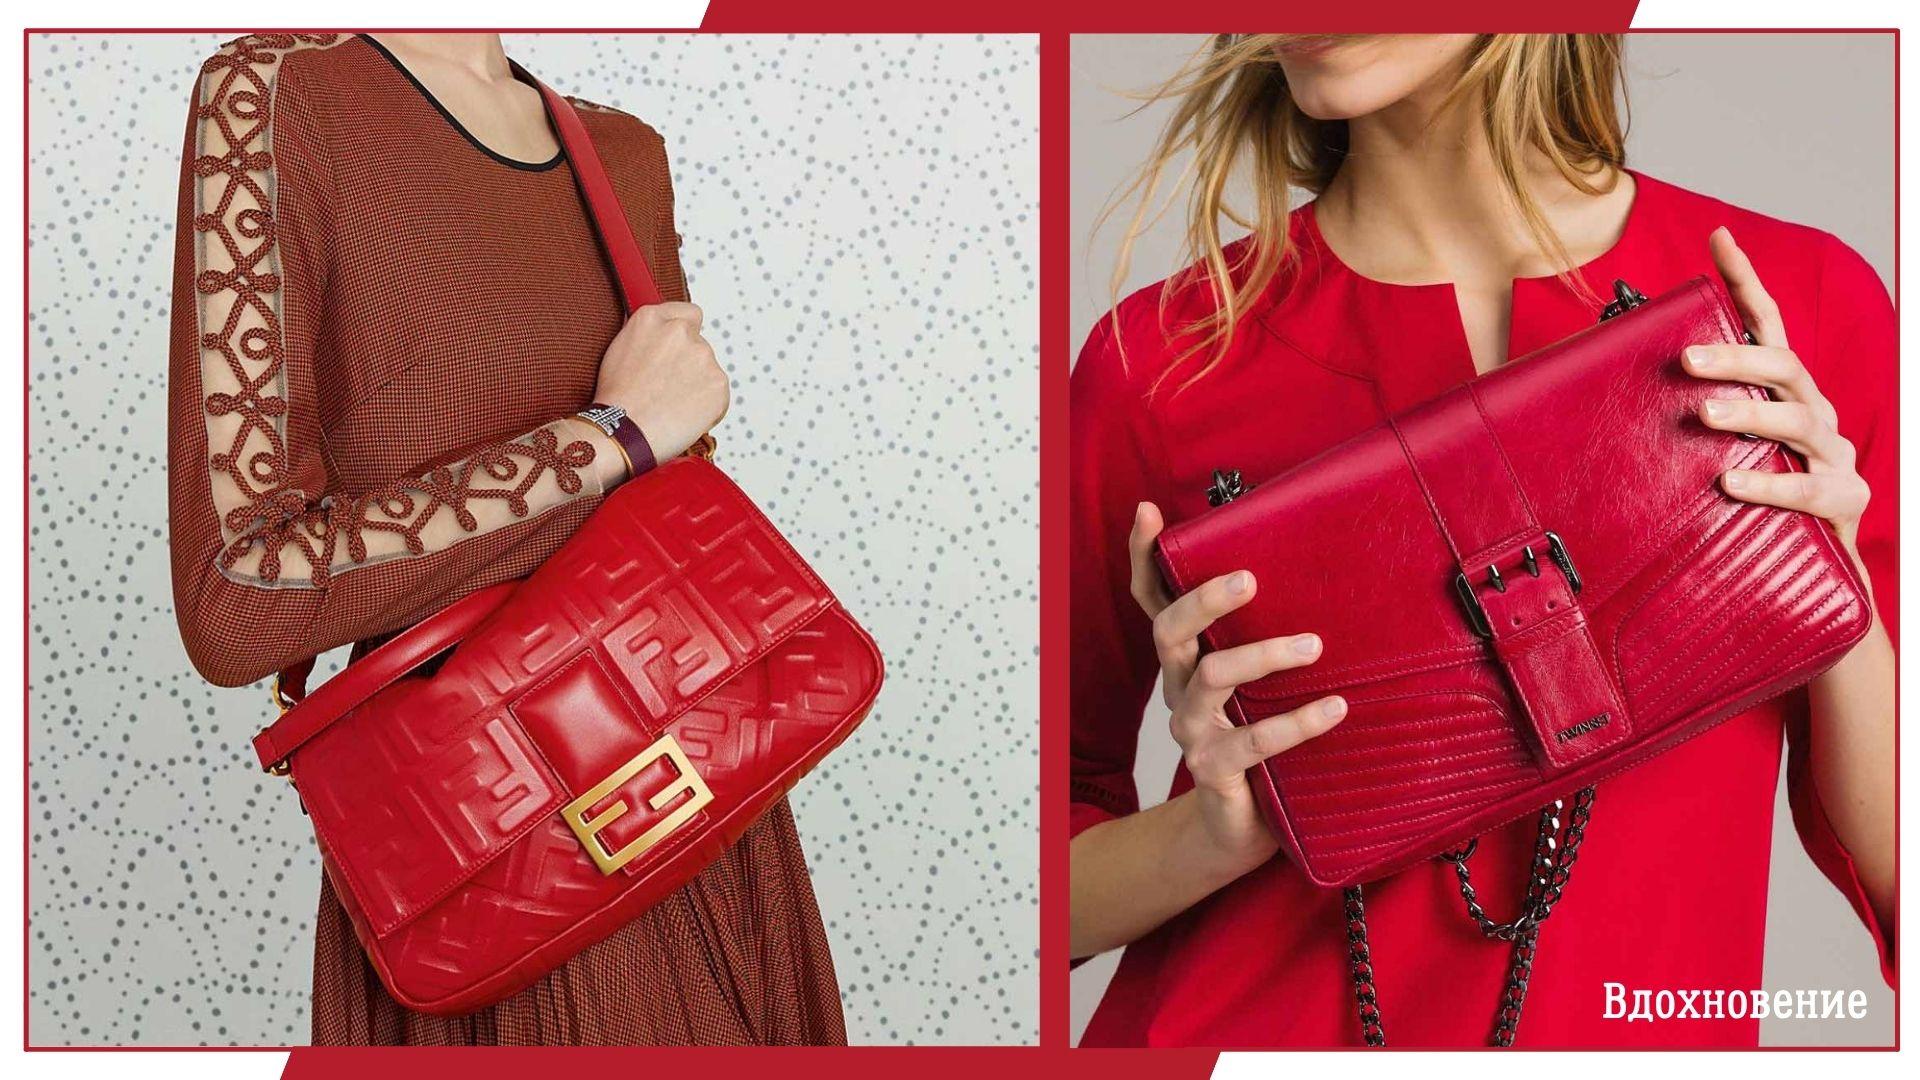 Выбираем стильную красную сумку - яркий аксессуар 2021 года